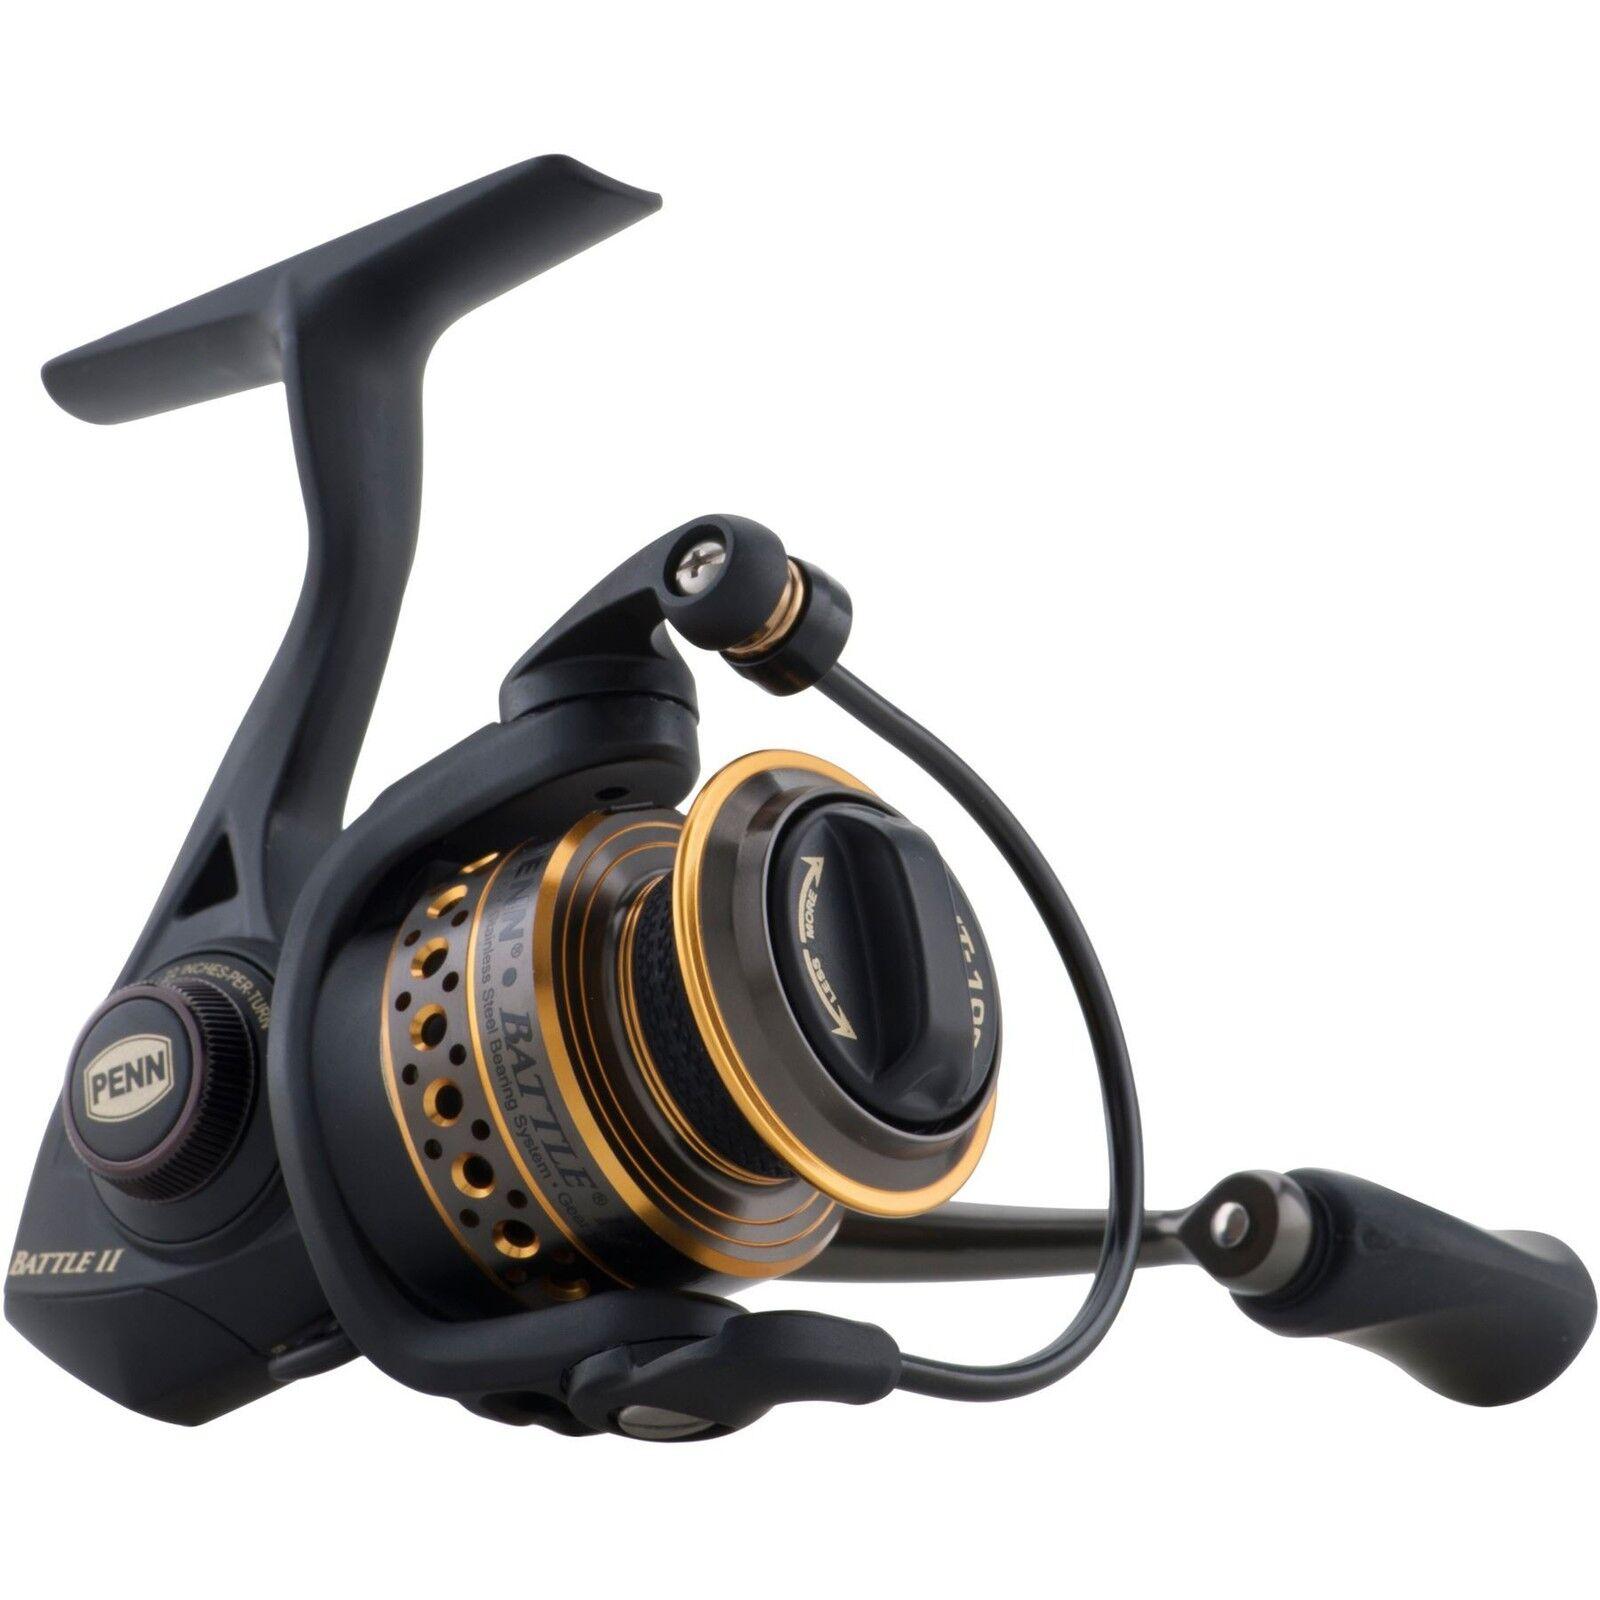 Penn Battle II 1000    Fishing Reel   1338215  welcome to buy